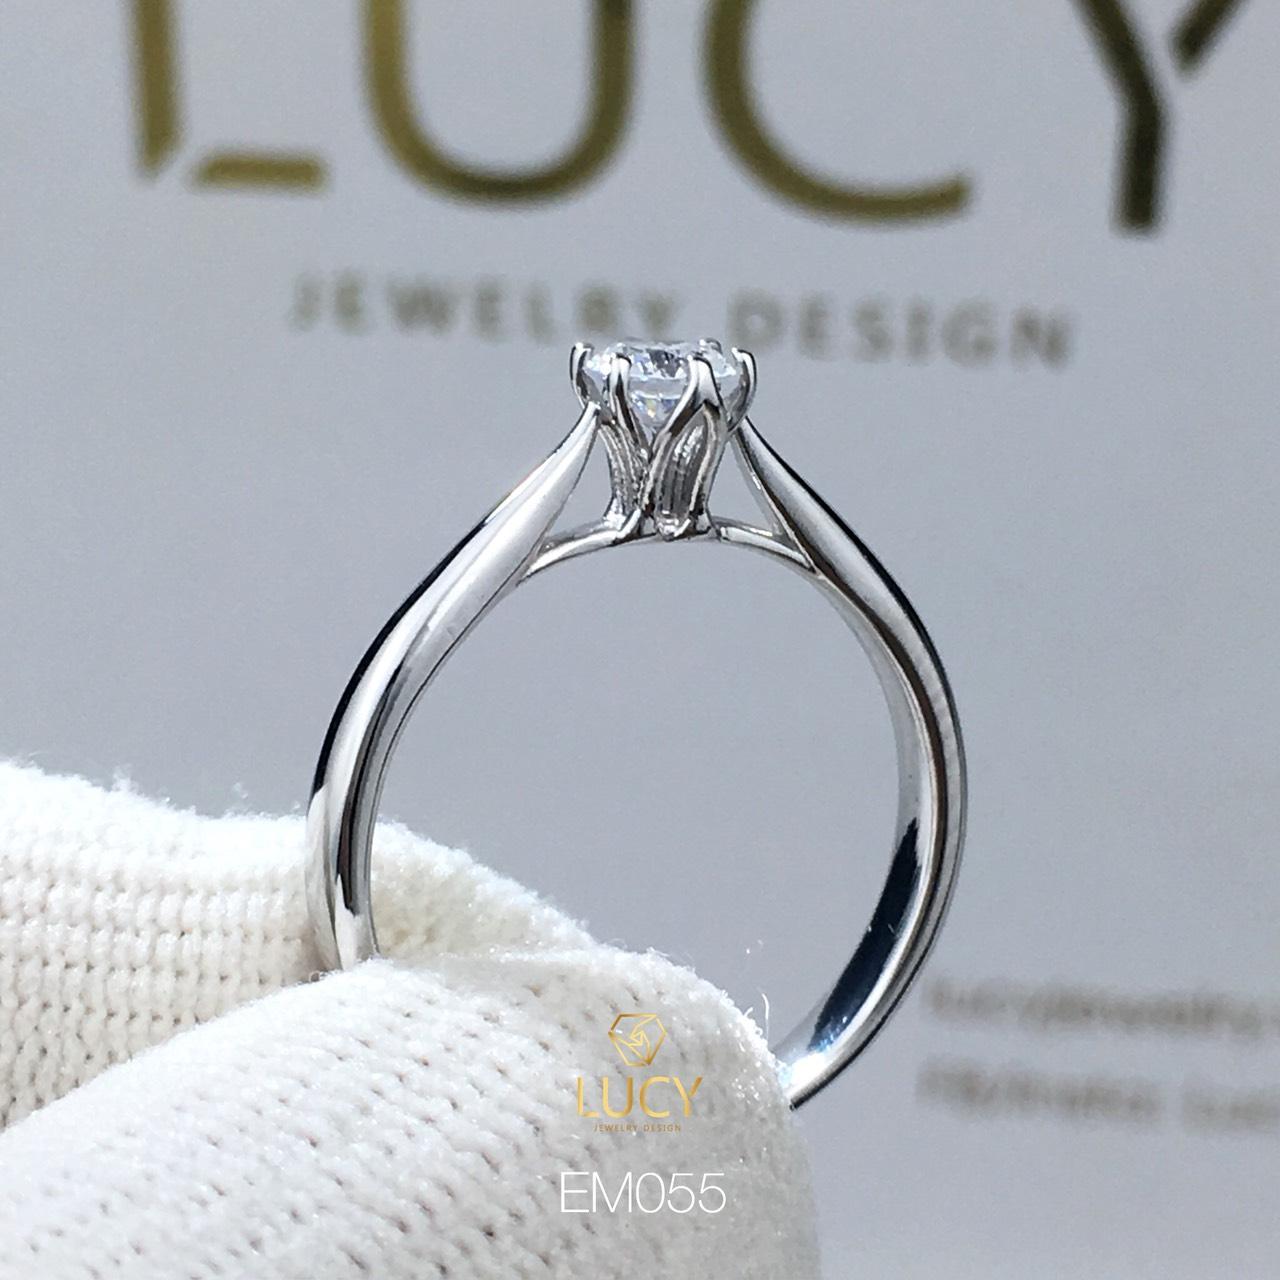 EM055 Nhẫn nữ vàng, nhẫn ổ kim, nhẫn nữ thiết kế, nhẫn cầu hôn, nhẫn đính hôn - Lucy Jewelry